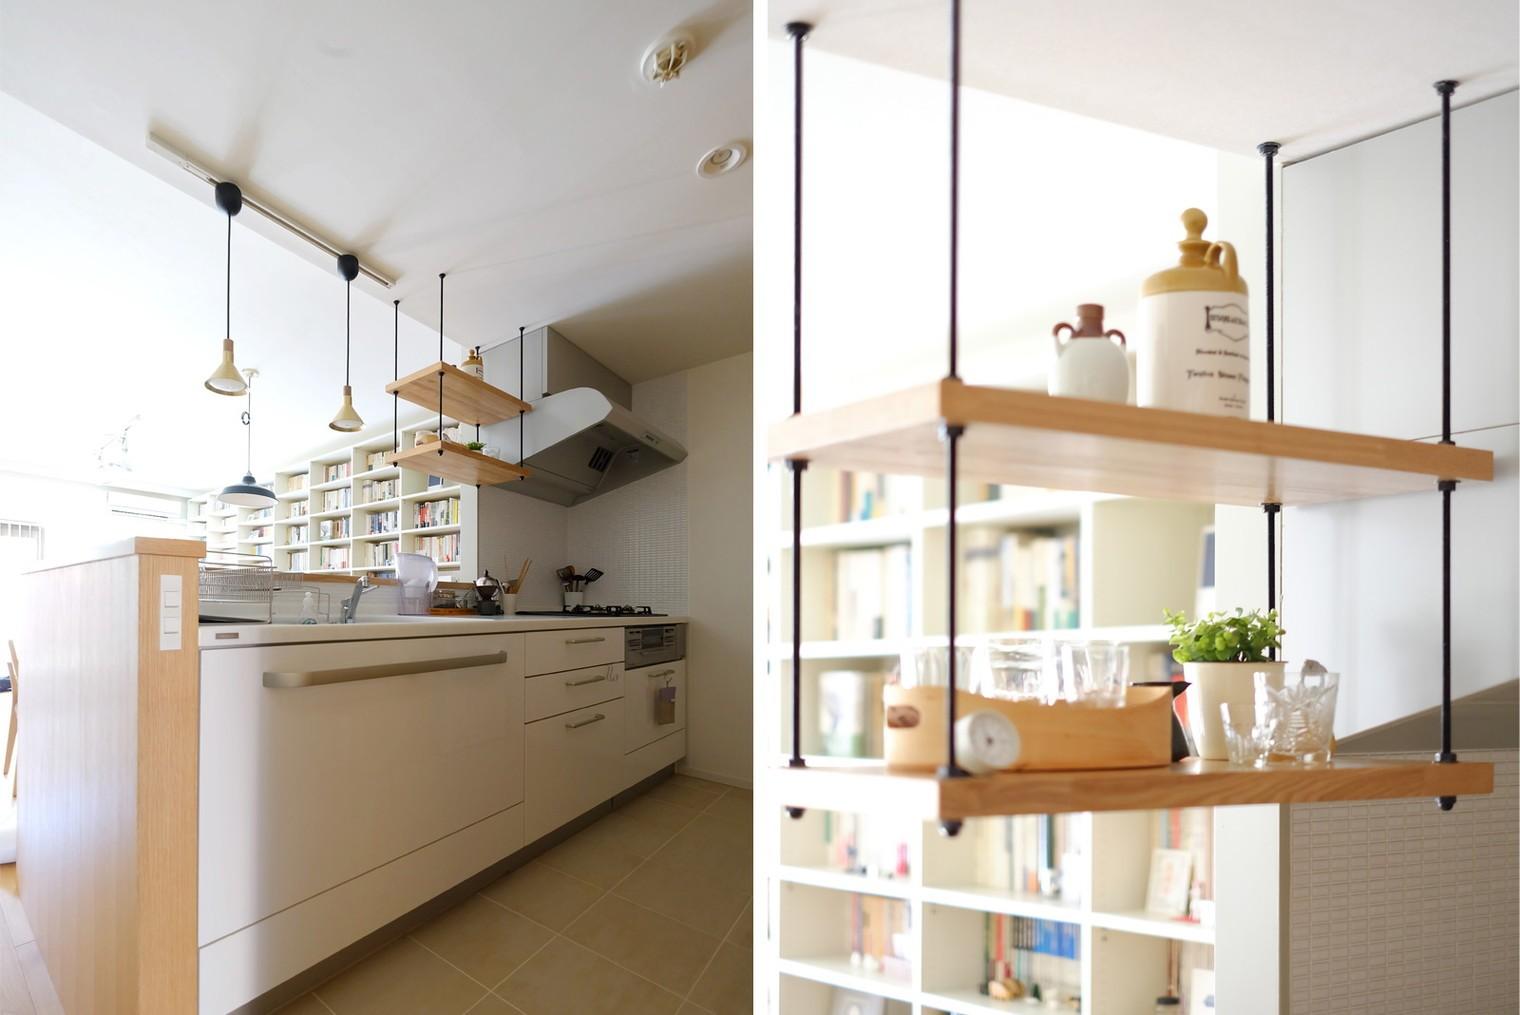 キッチン事例:キッチン(『pale books』 ― 淡さを加える)